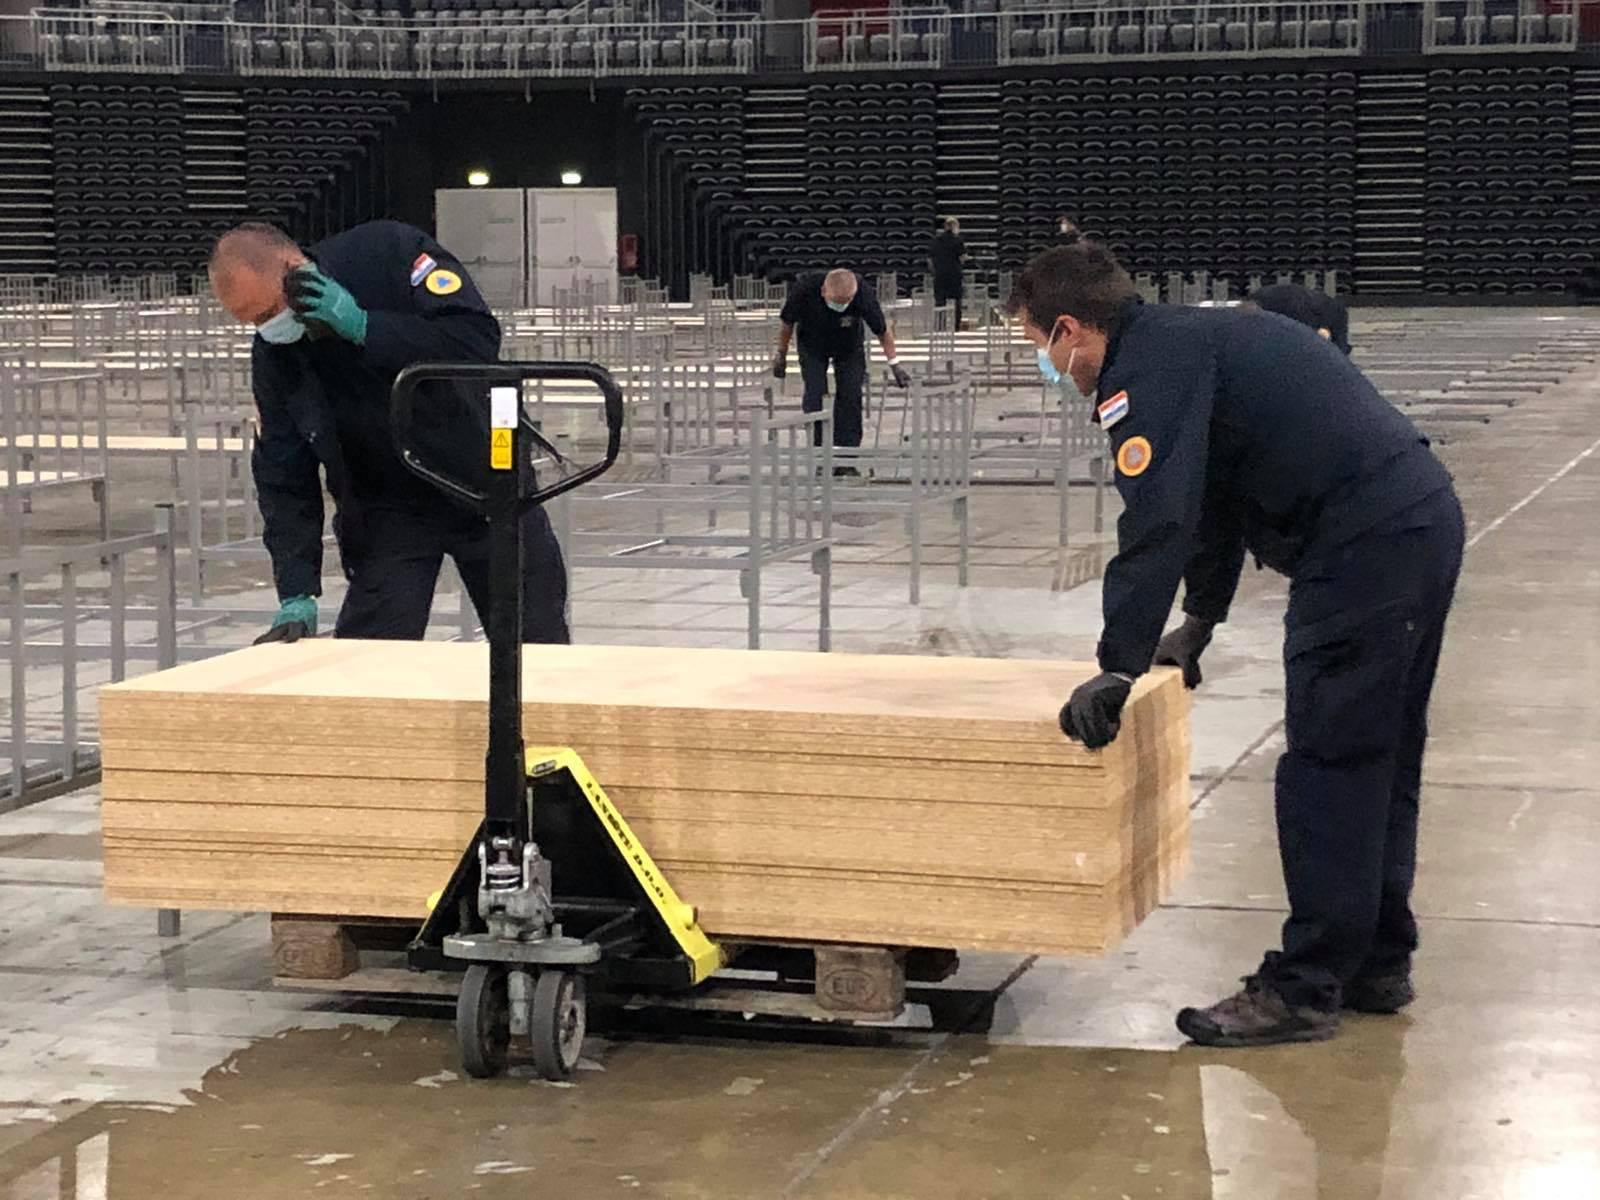 Nisu potrebni: Uklanja se 300 kreveta iz zagrebačke Arene